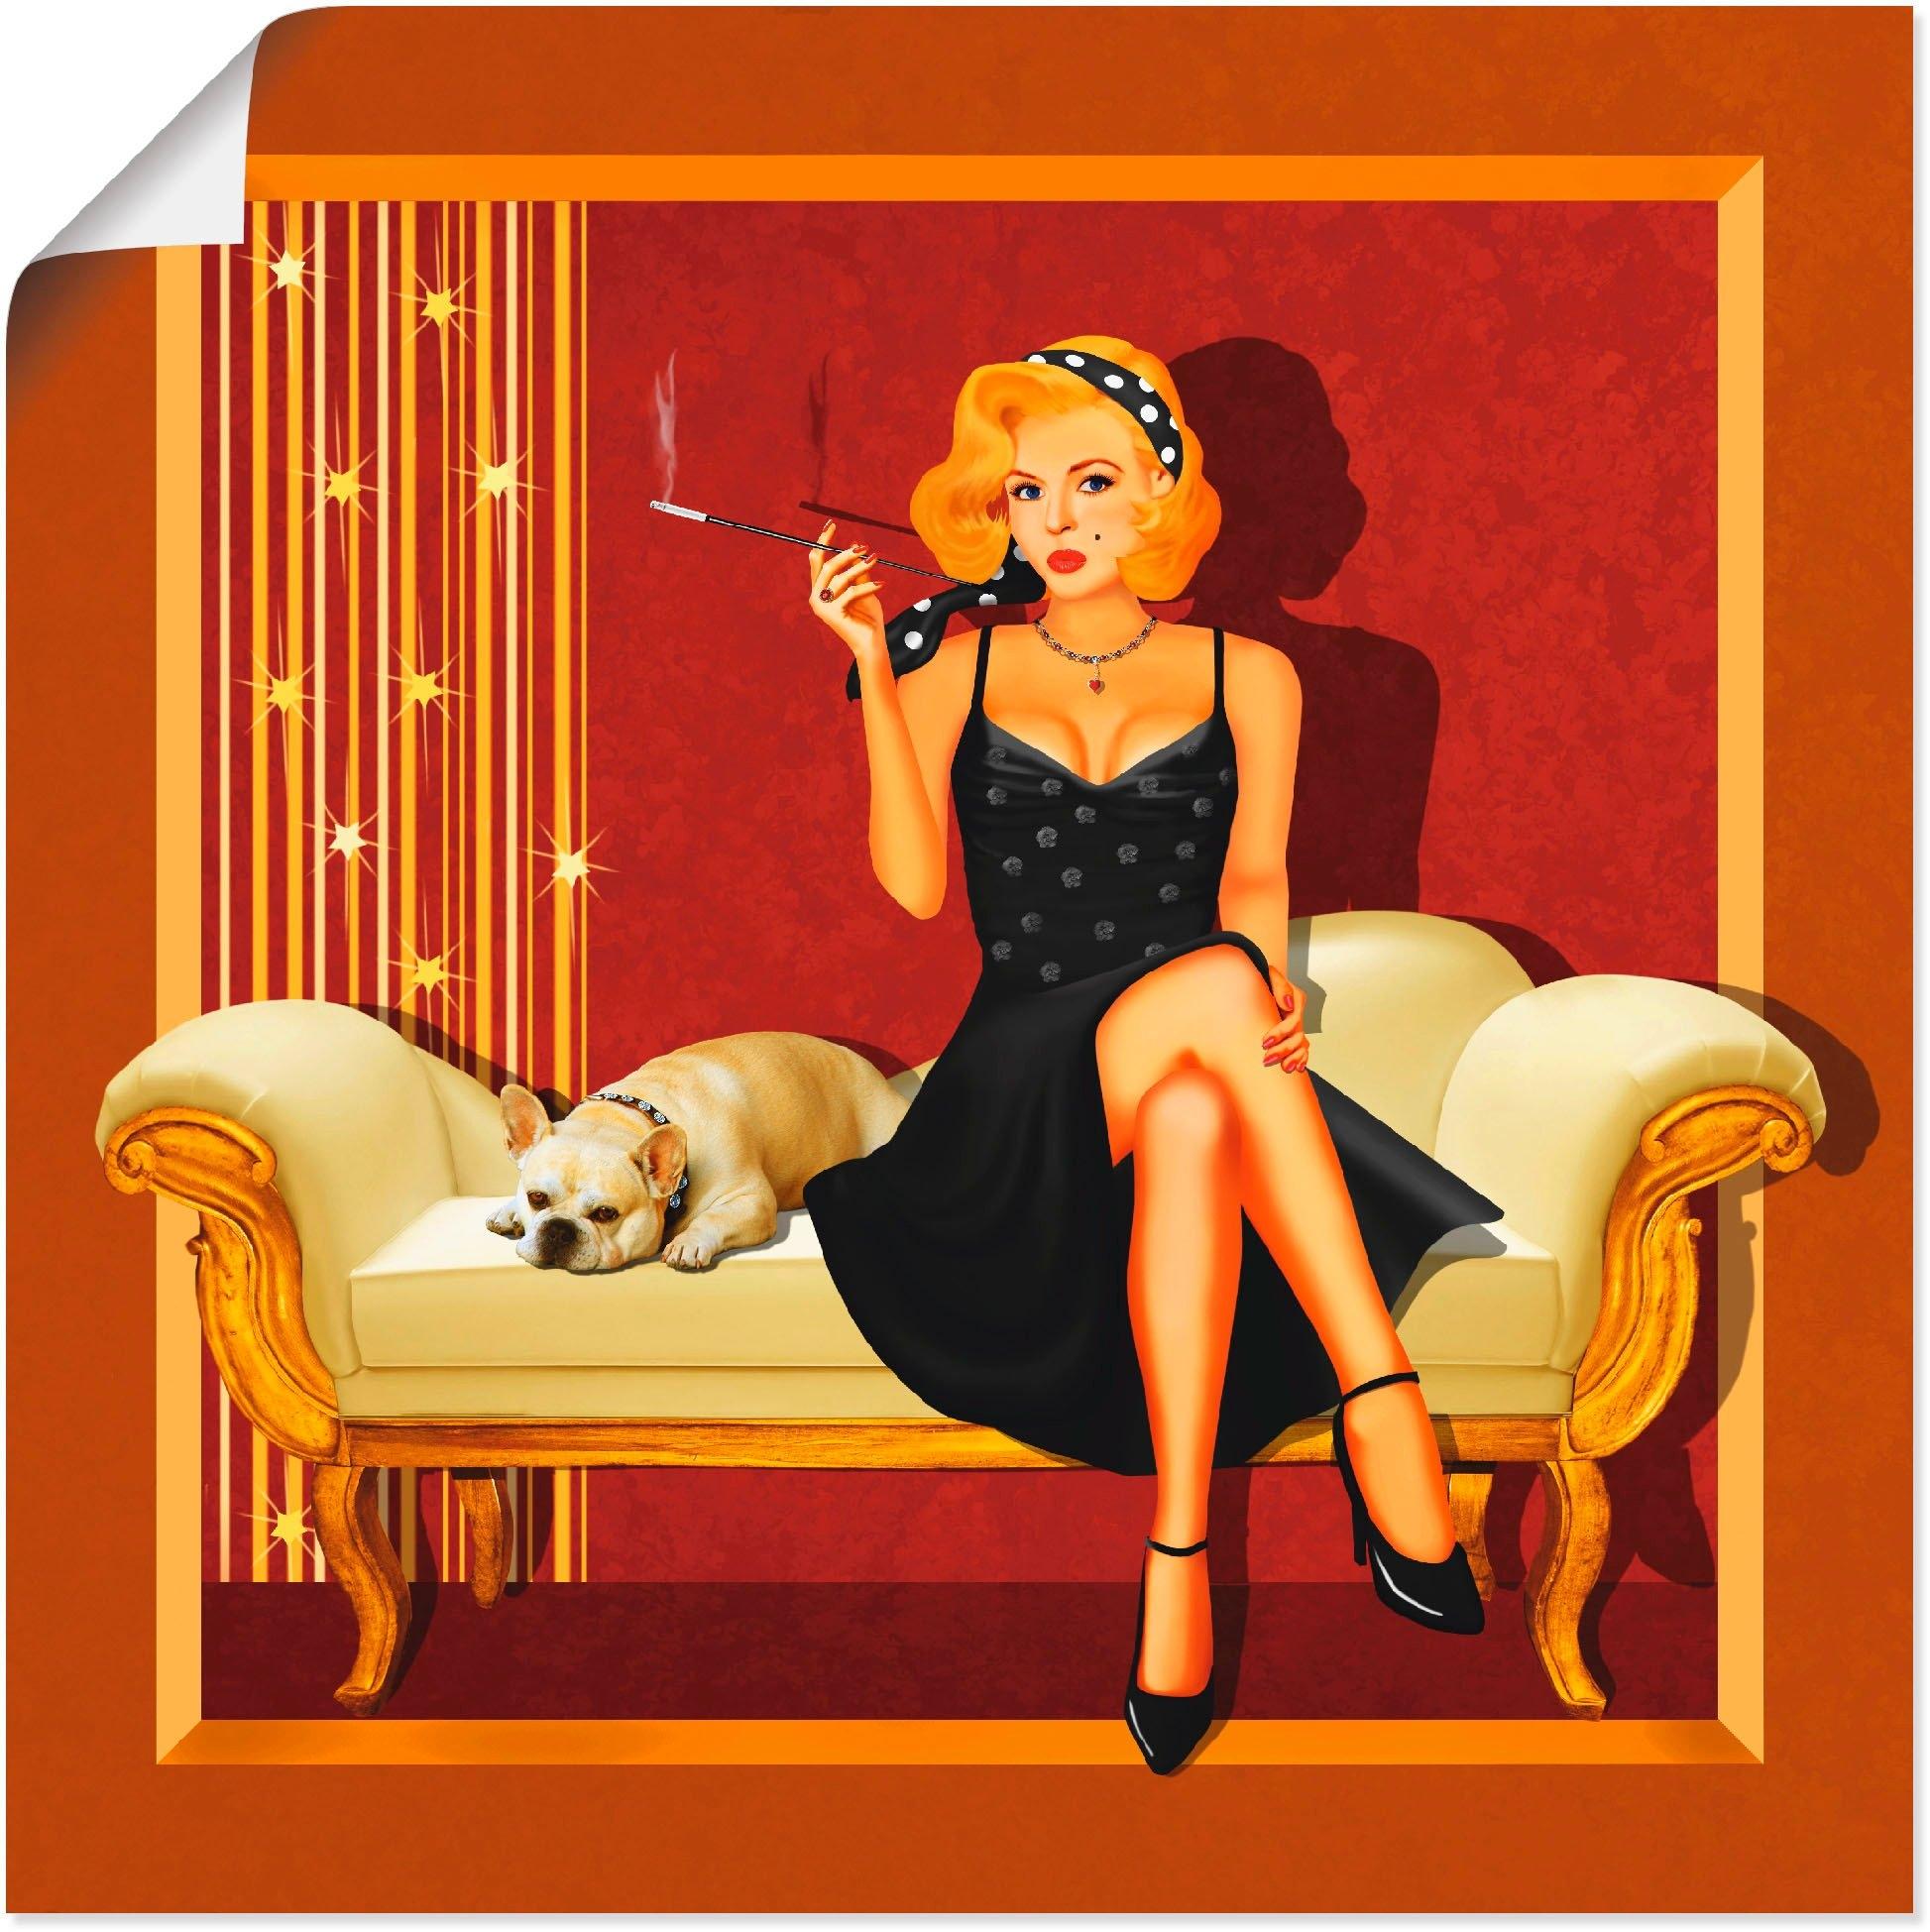 Artland artprint »Pin Up Glamour Girl« bij OTTO online kopen